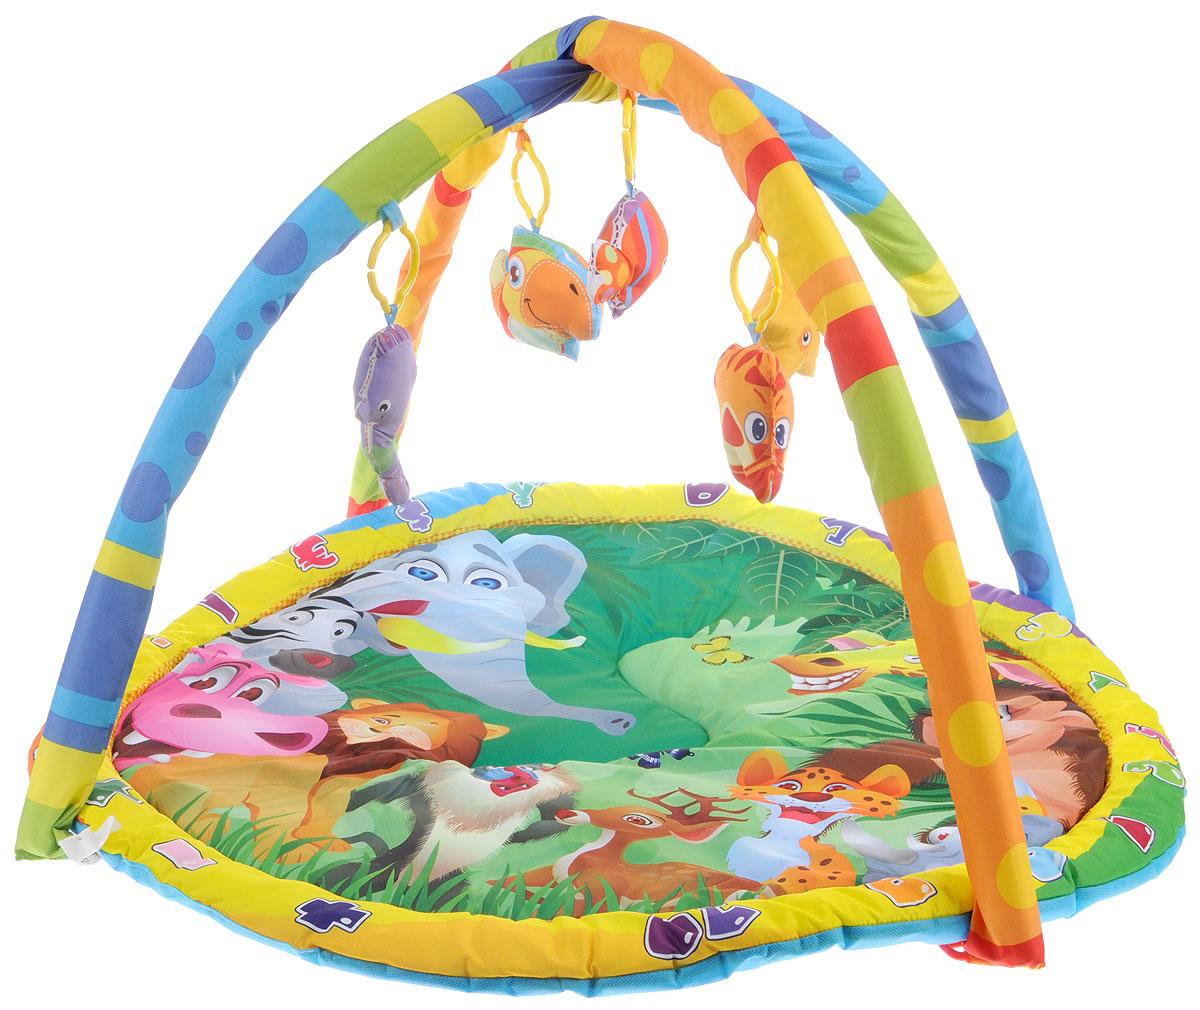 Умка Развивающий коврик B1387960-RB1387960-RРазвивающий коврик Умка прекрасно подойдет для развития ребенка с 6 месяцев. Изделие оснащено двумя съемными безопасными дугами. На них при помощи незамкнутых пластиковых колечек крепятся 5 игрушек с пищалками. На поверхности коврика изображены различные животные. Нажимая на подвесные игрушки, кроха развивает хватательные рефлексы и звуковое восприятие, а также запоминает как выглядят животные и учится различать цвета. С таким ковриком ребенок узнает о животных и насекомых, разовьет слуховое восприятие, мелкую моторику рук и координацию движений. Коврик выполнен из прочного и приятного на ощупь материала, который окрашен стойкими к истиранию, абсолютно безопасными красителями.